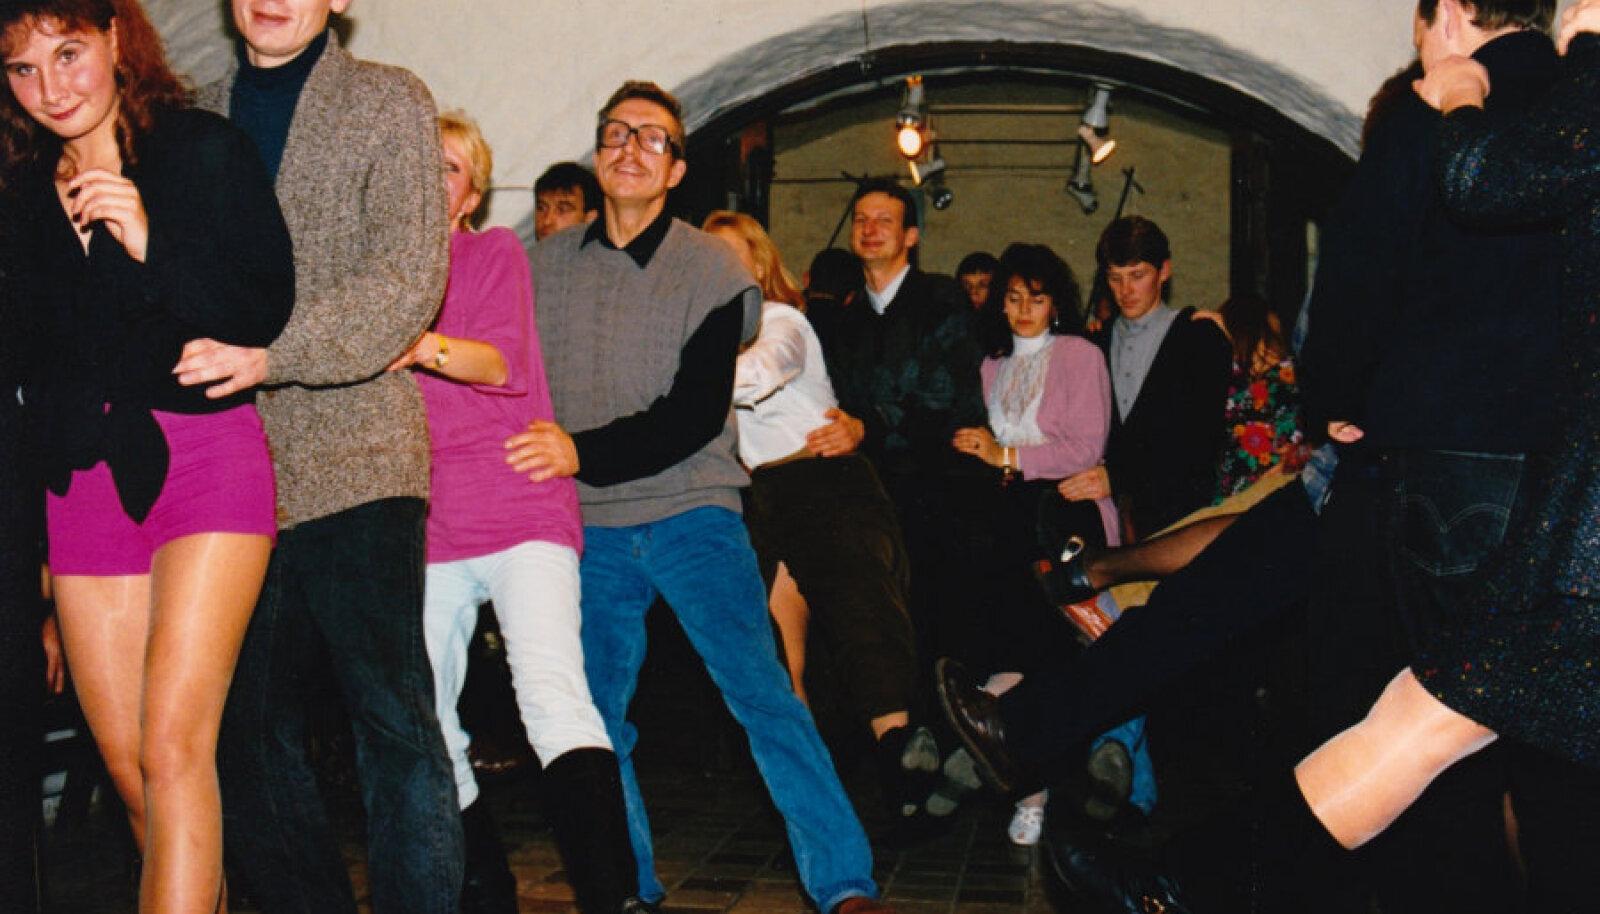 Näituse avamine Illegaardi galeriis 1993. aastal